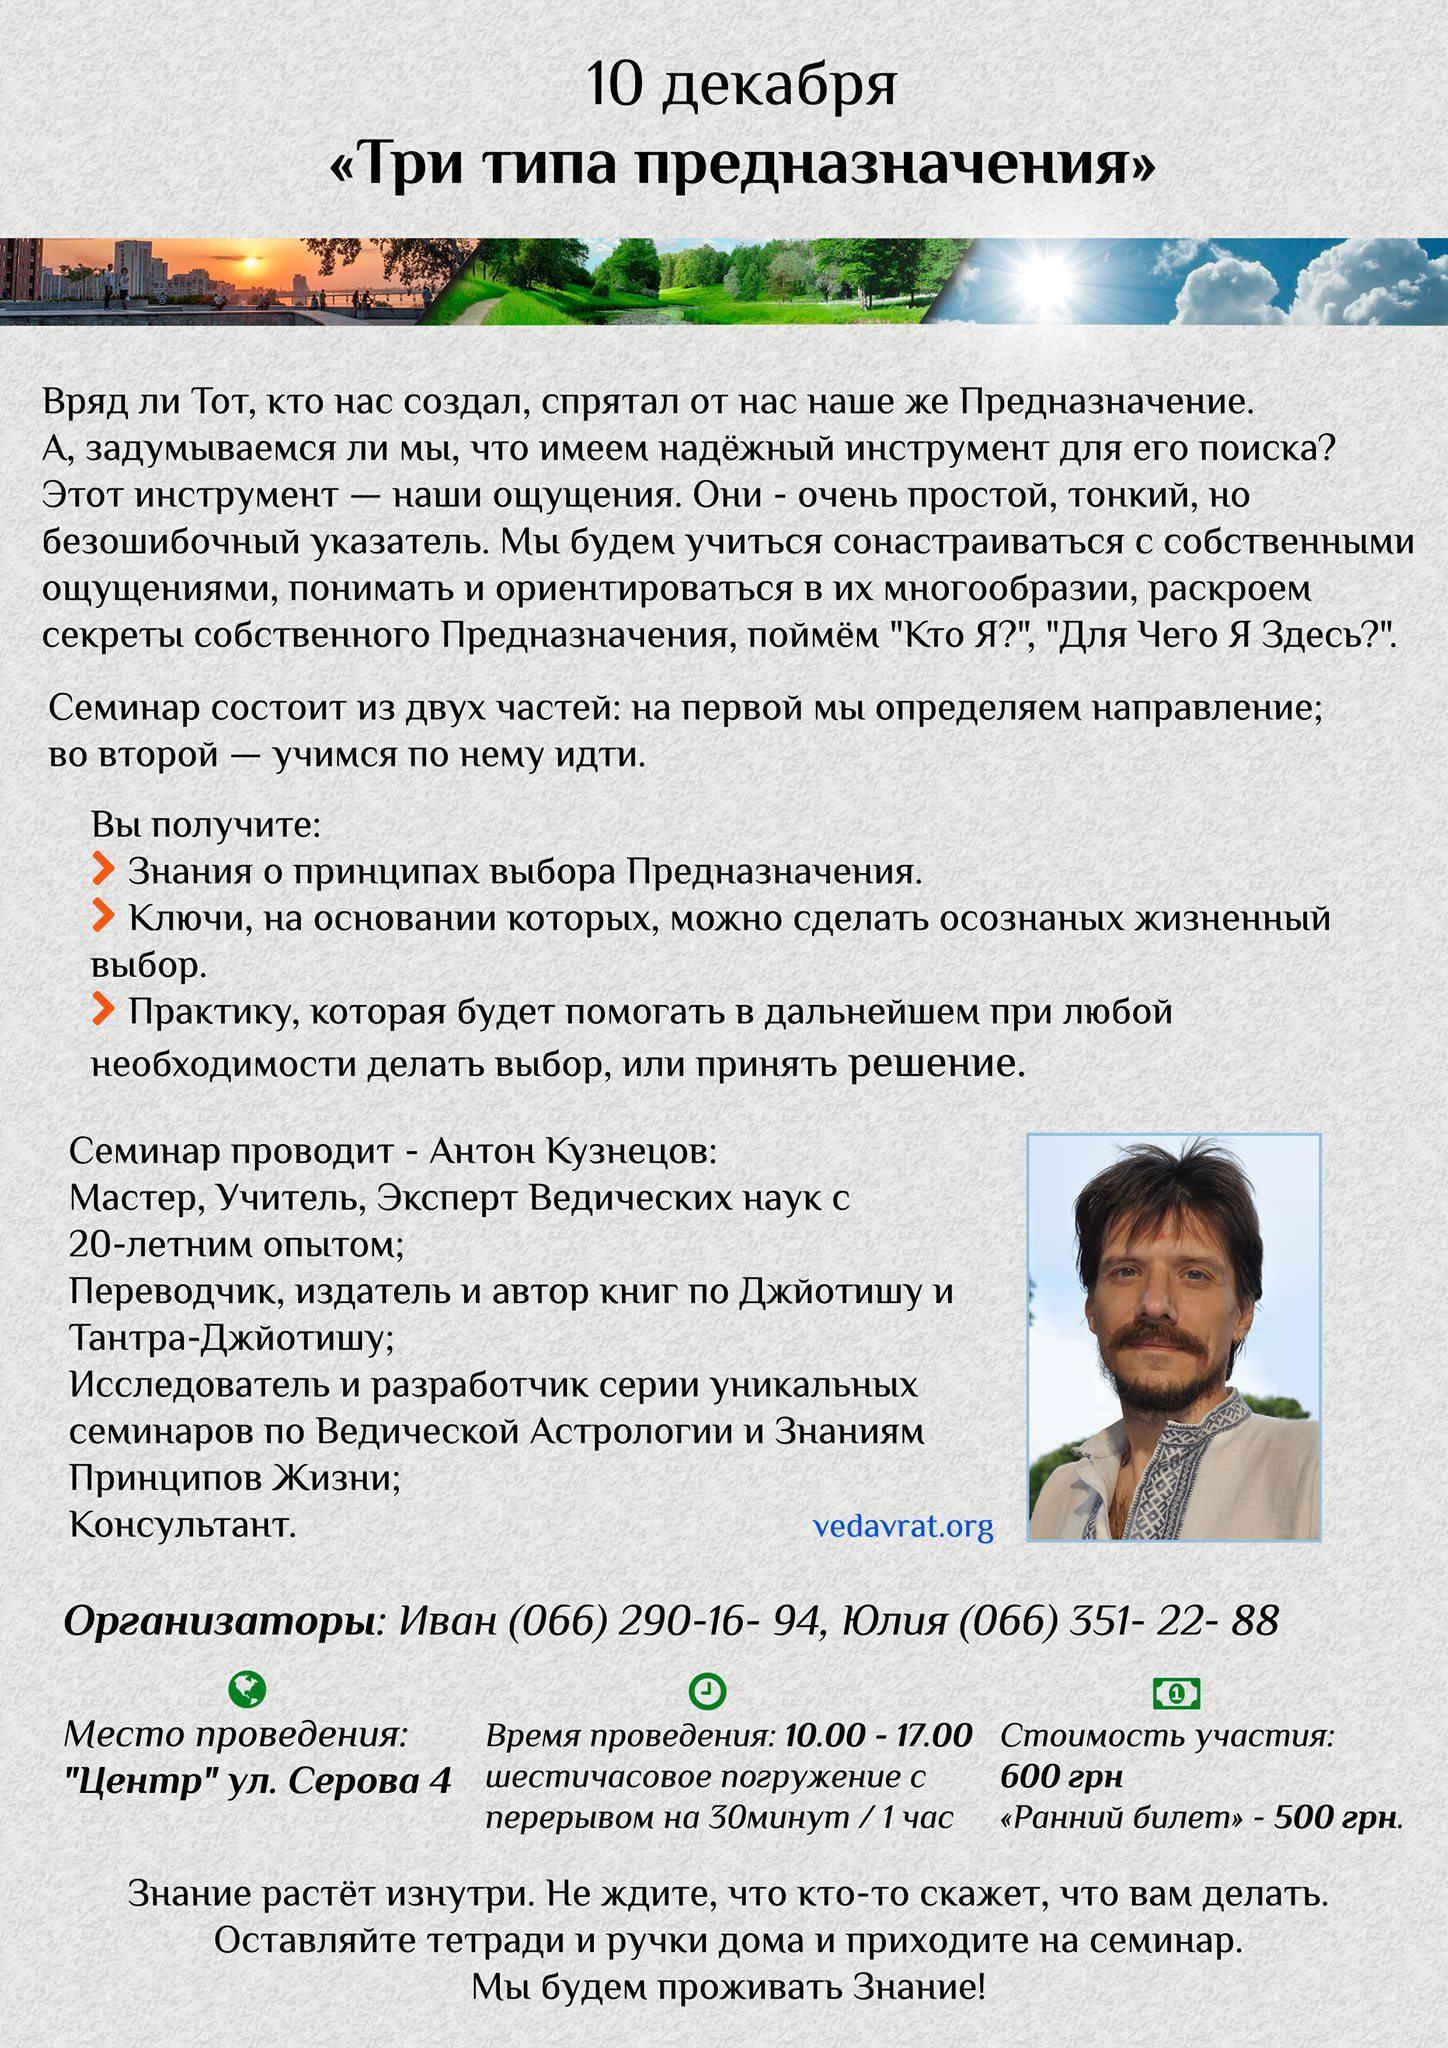 *** Антон Кузнецов Ведаврат - семінар - 3 види Призначення людини - Днепр 2016 ***